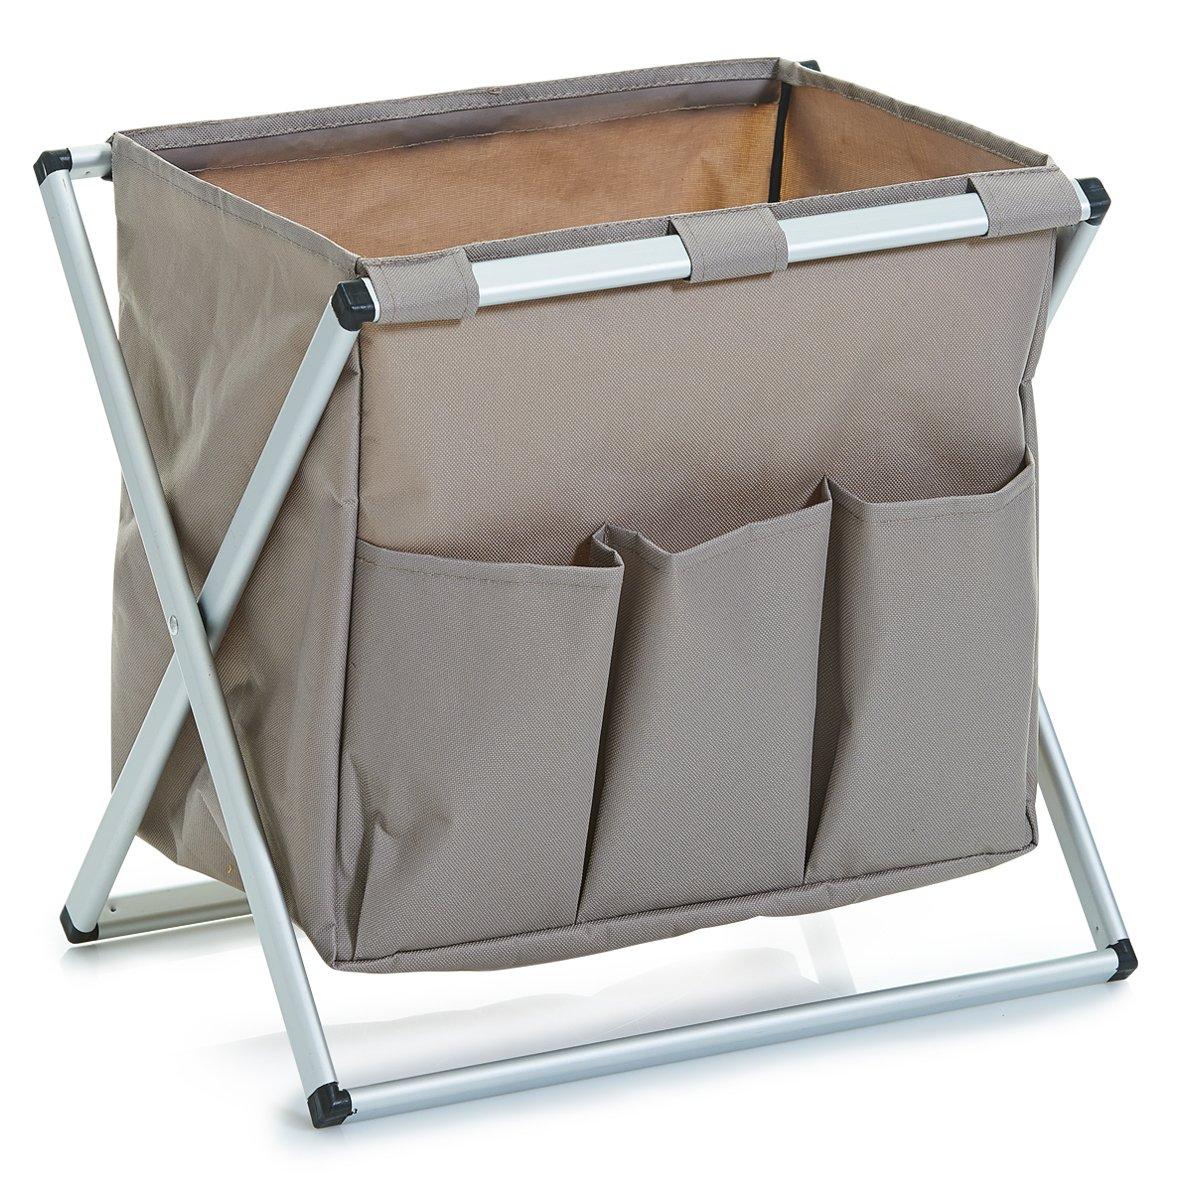 Zeller 13231 - Contenitore Porta riviste in Poliestere/Alluminio, 37,5 x 27 x 33 cm, Colore: Tortora